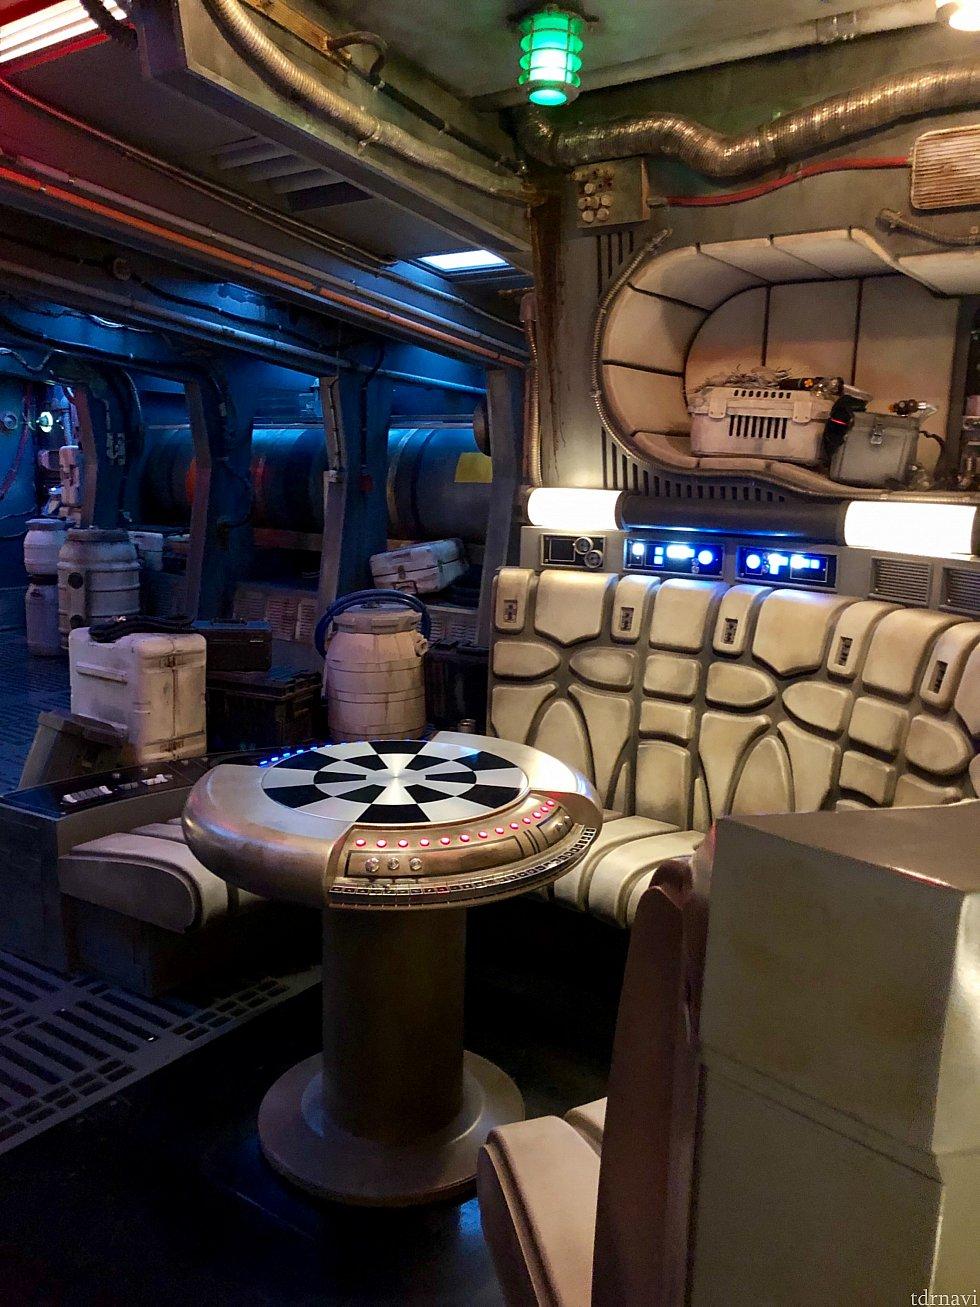 あーーーーー!見た事あるー!このソファーとゲーム盤は何度か映画内で登場しているファルコン内の部屋。ここで一旦ゲストが集められます。みんな順番に並んでここで撮影大会が始まります。写真撮りたいですよね〜。